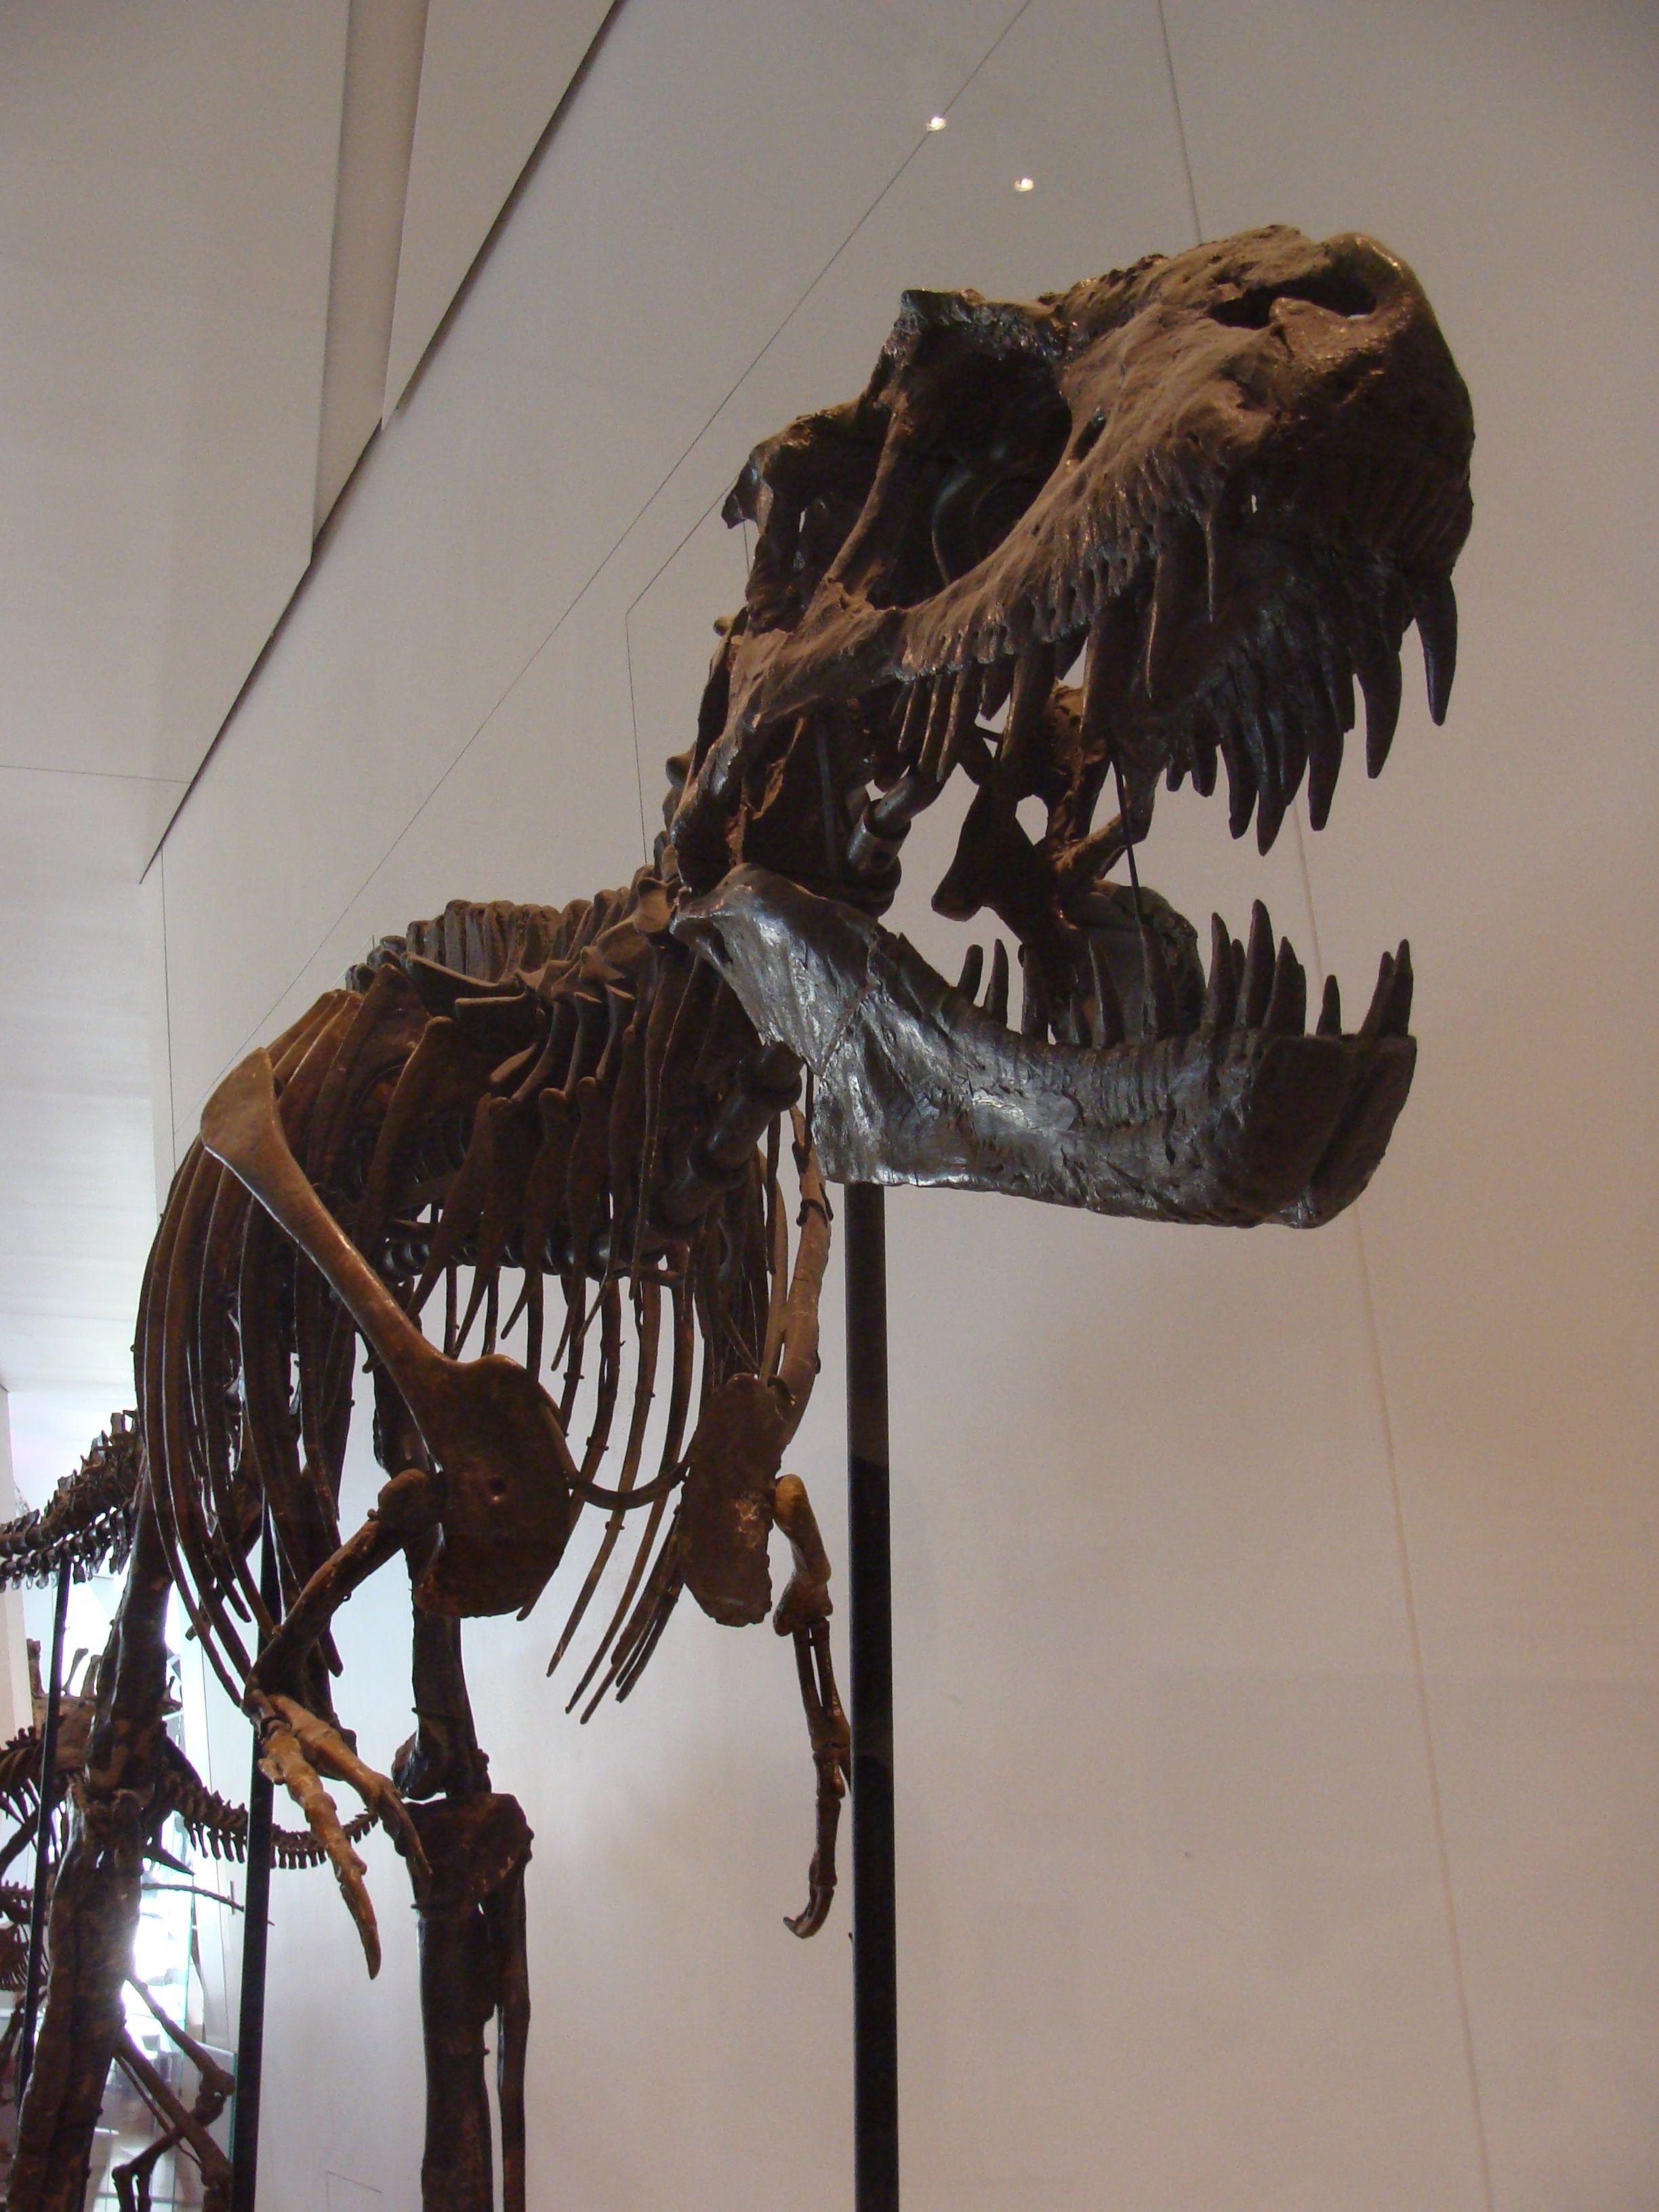 Albertosaurus_libratus.JPG (2448×3264) - Avant : Gorgosaurus libratus. Royal…